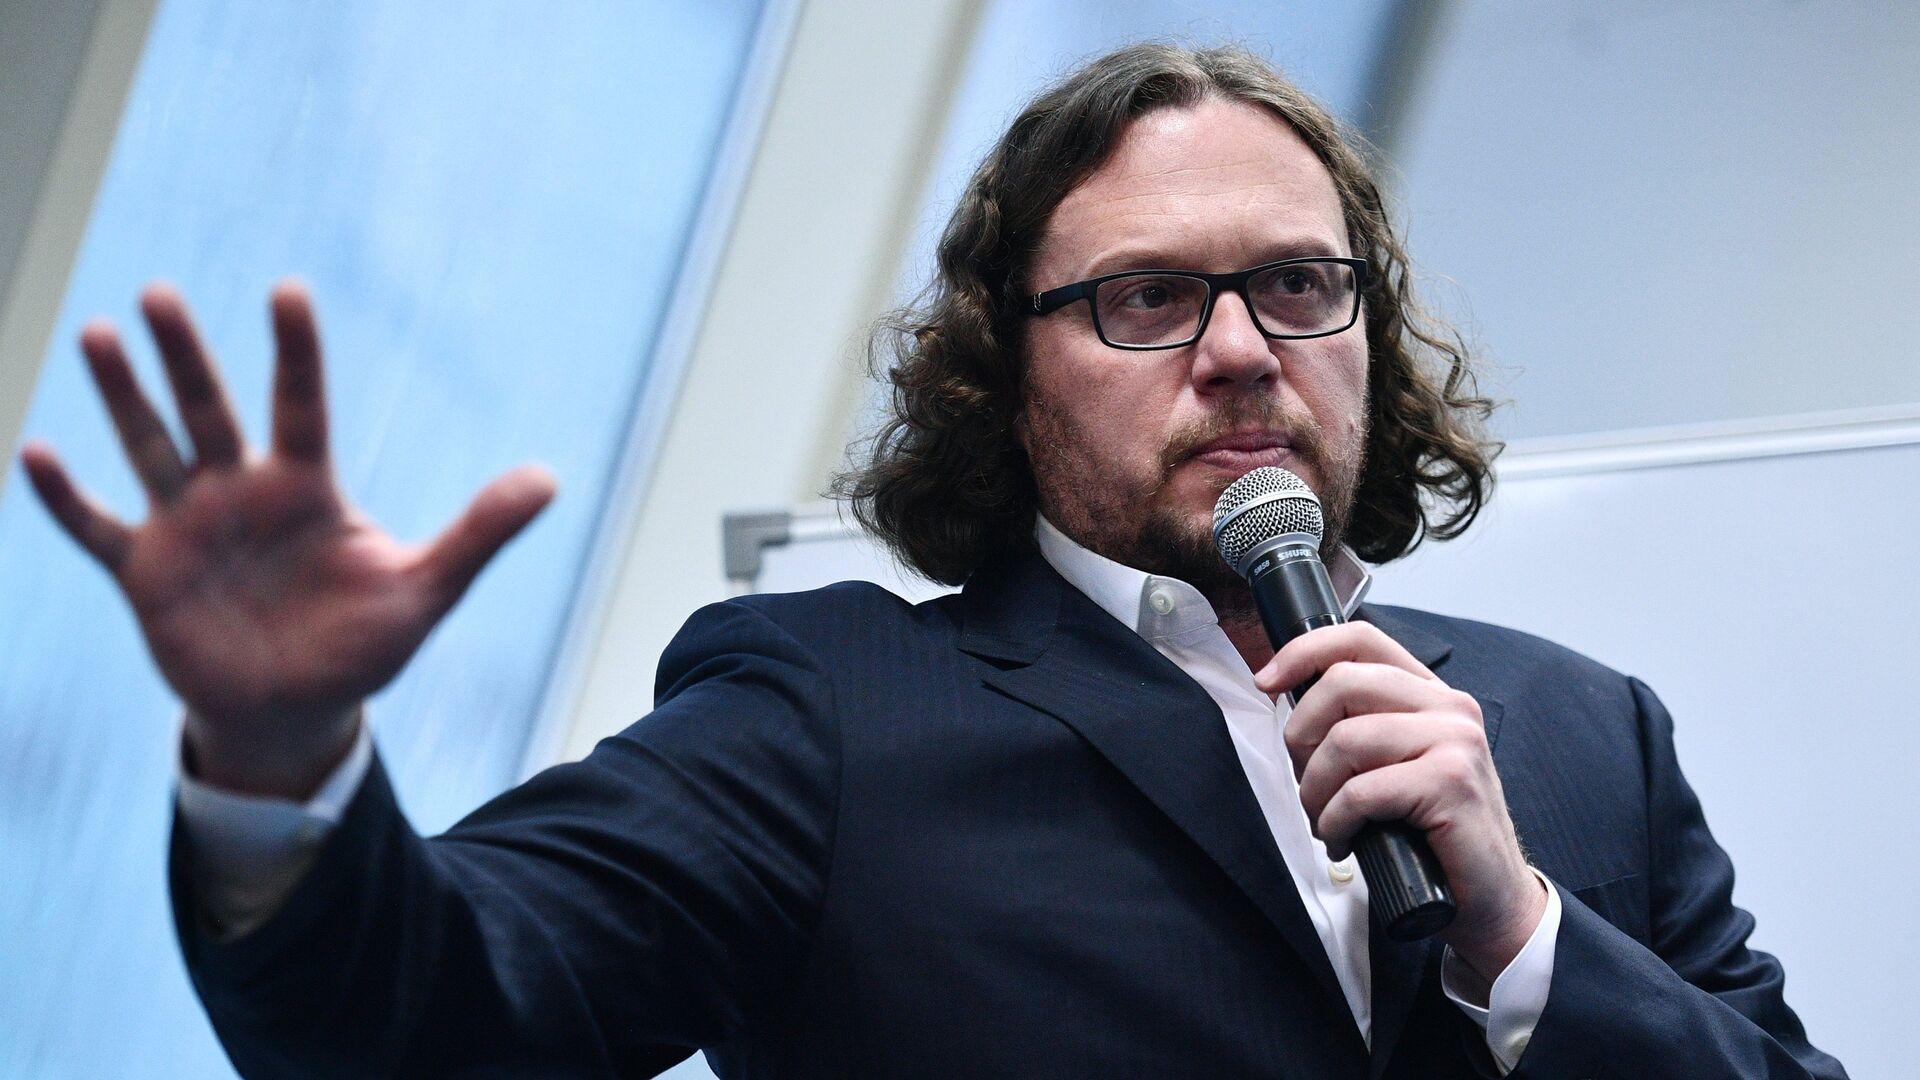 Бизнесмен Сергей Полонский на пресс-конференции в Москве. 14 ноября 2017 - РИА Новости, 1920, 14.10.2021